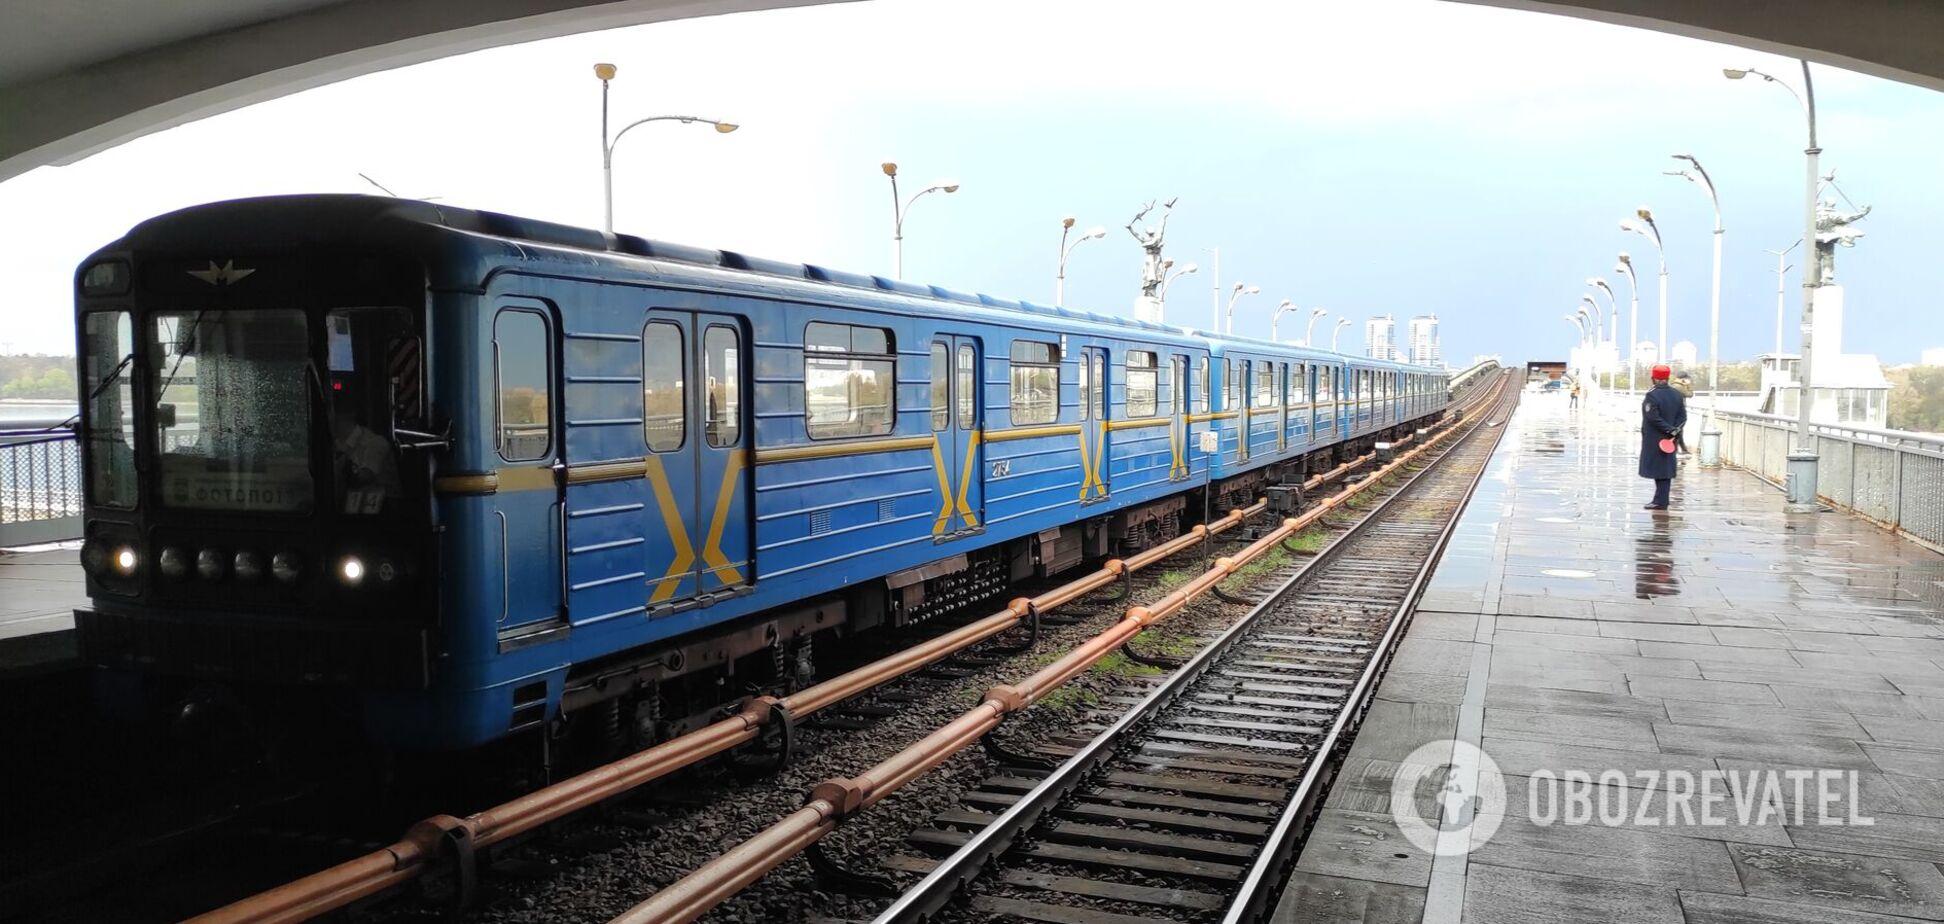 Комунальний транспорт серйозно постраждав через пандемію